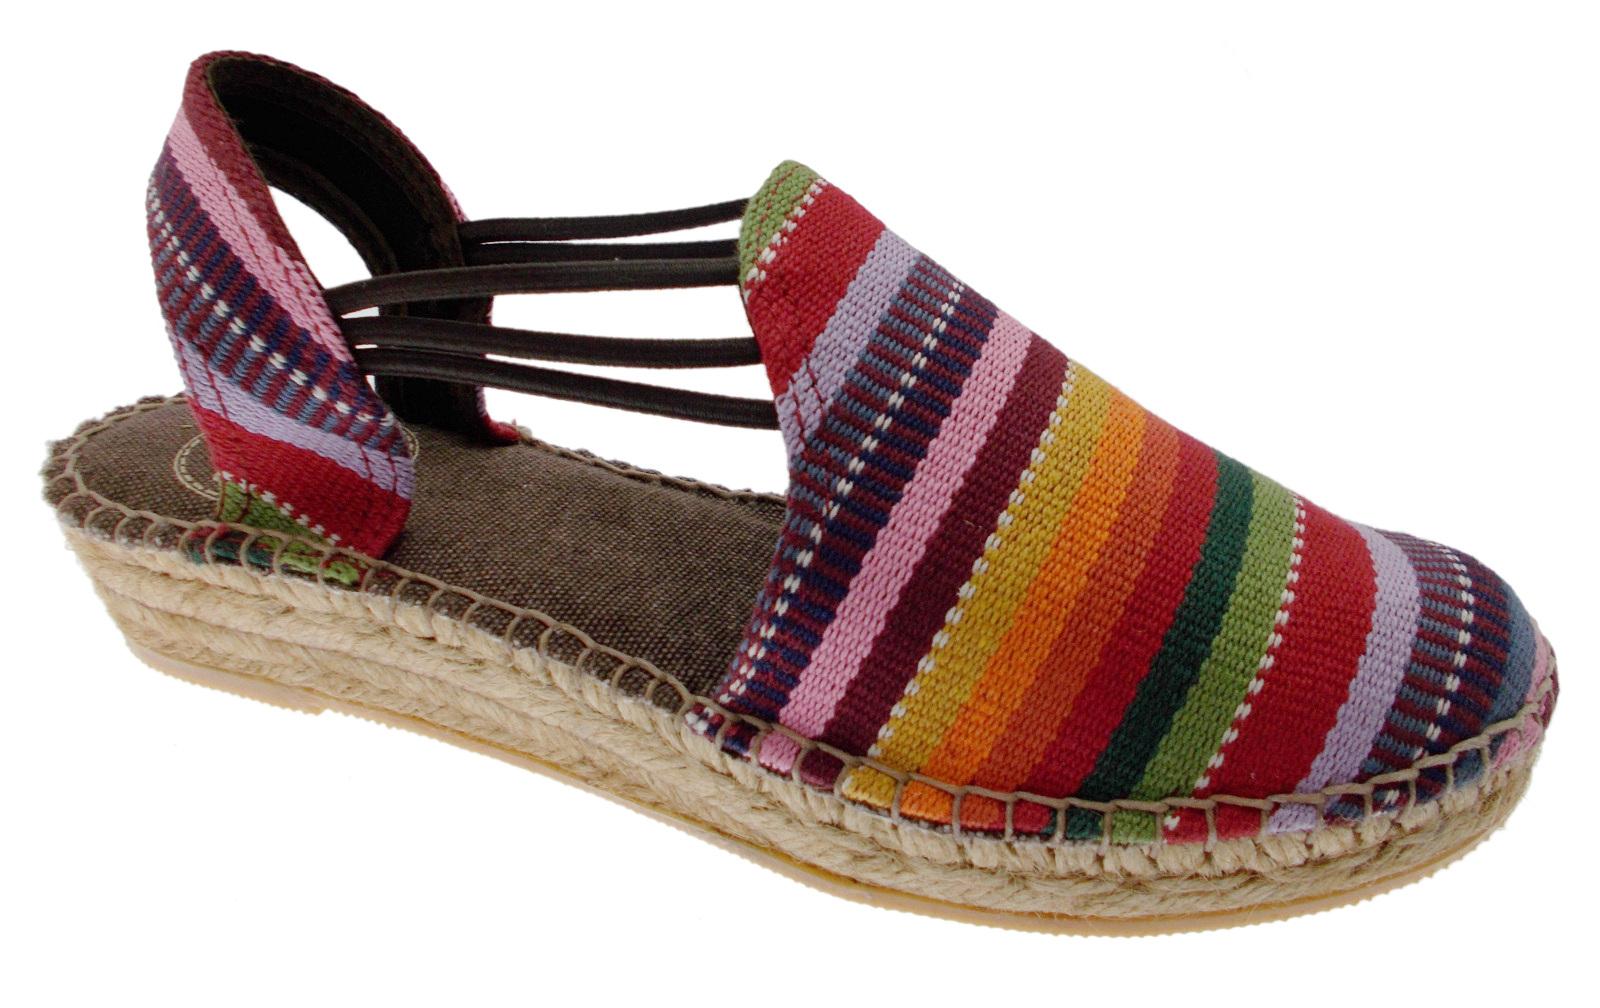 NORMA NORD sandalo  corda multicolor arcobaleno  espadrillas Toni Pons